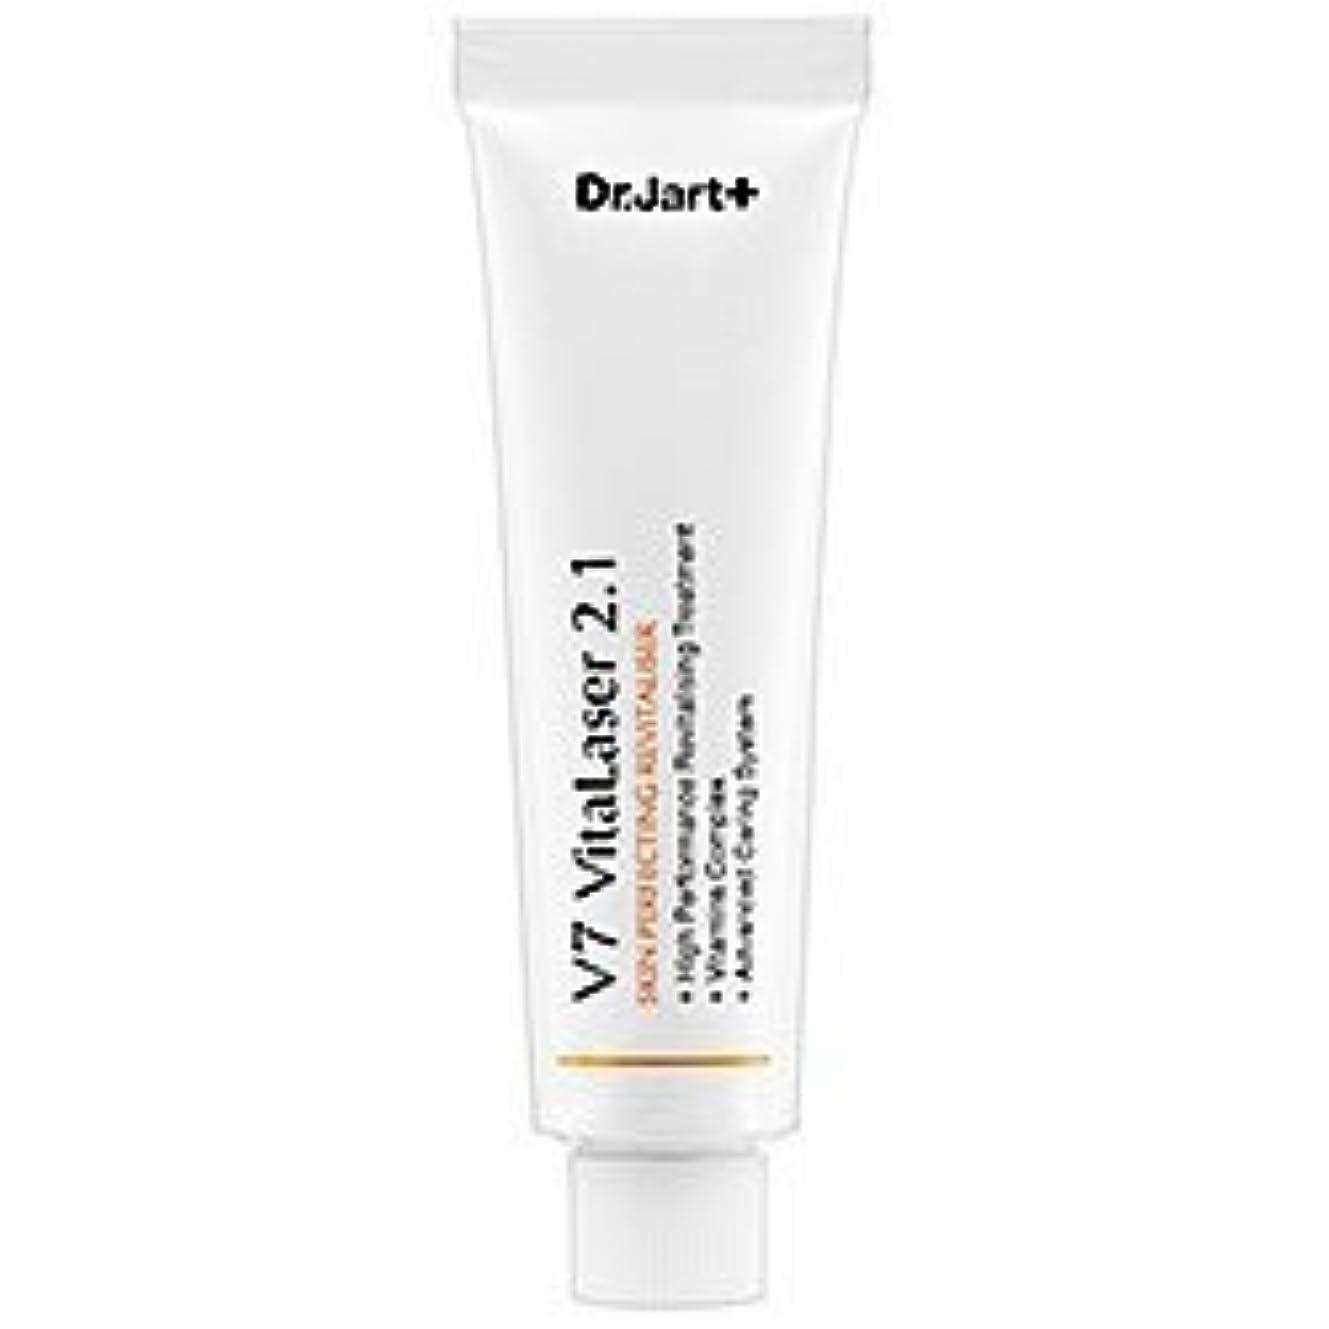 概して大陸取得Dr. Jart+ V7 Vitalaser 2.1 Skin Moisturizer 30 ml [並行輸入品]